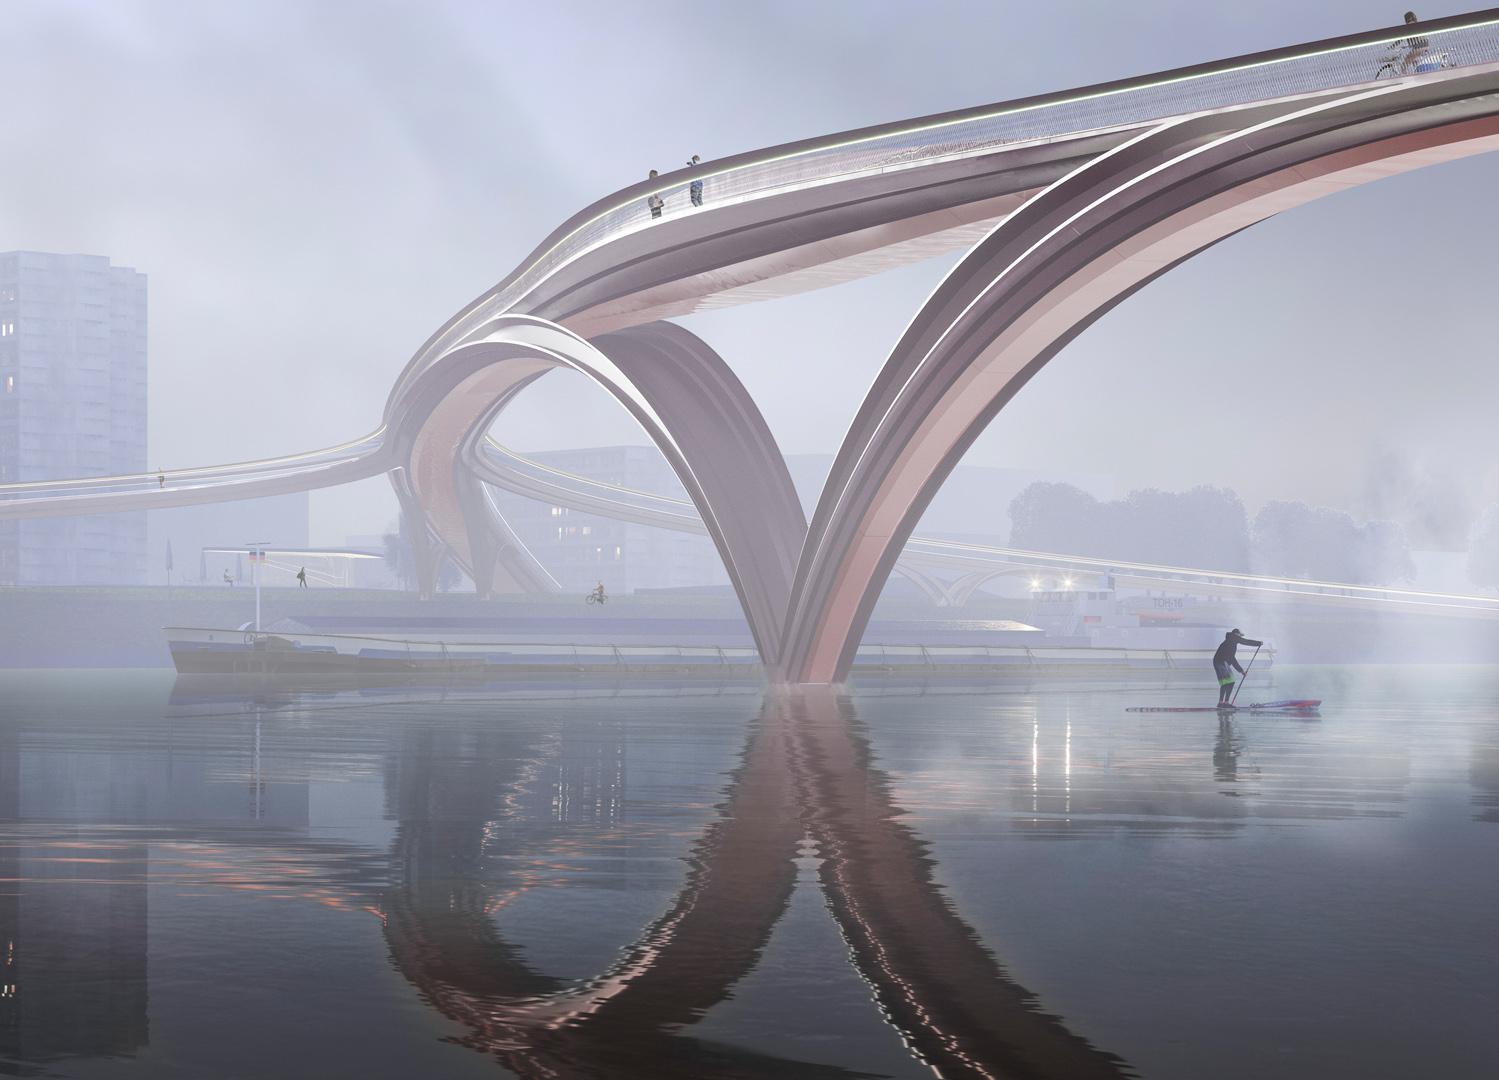 Infrastruktur - Rad-und Fußgängerbrücke, Heidelberg, Deutschland